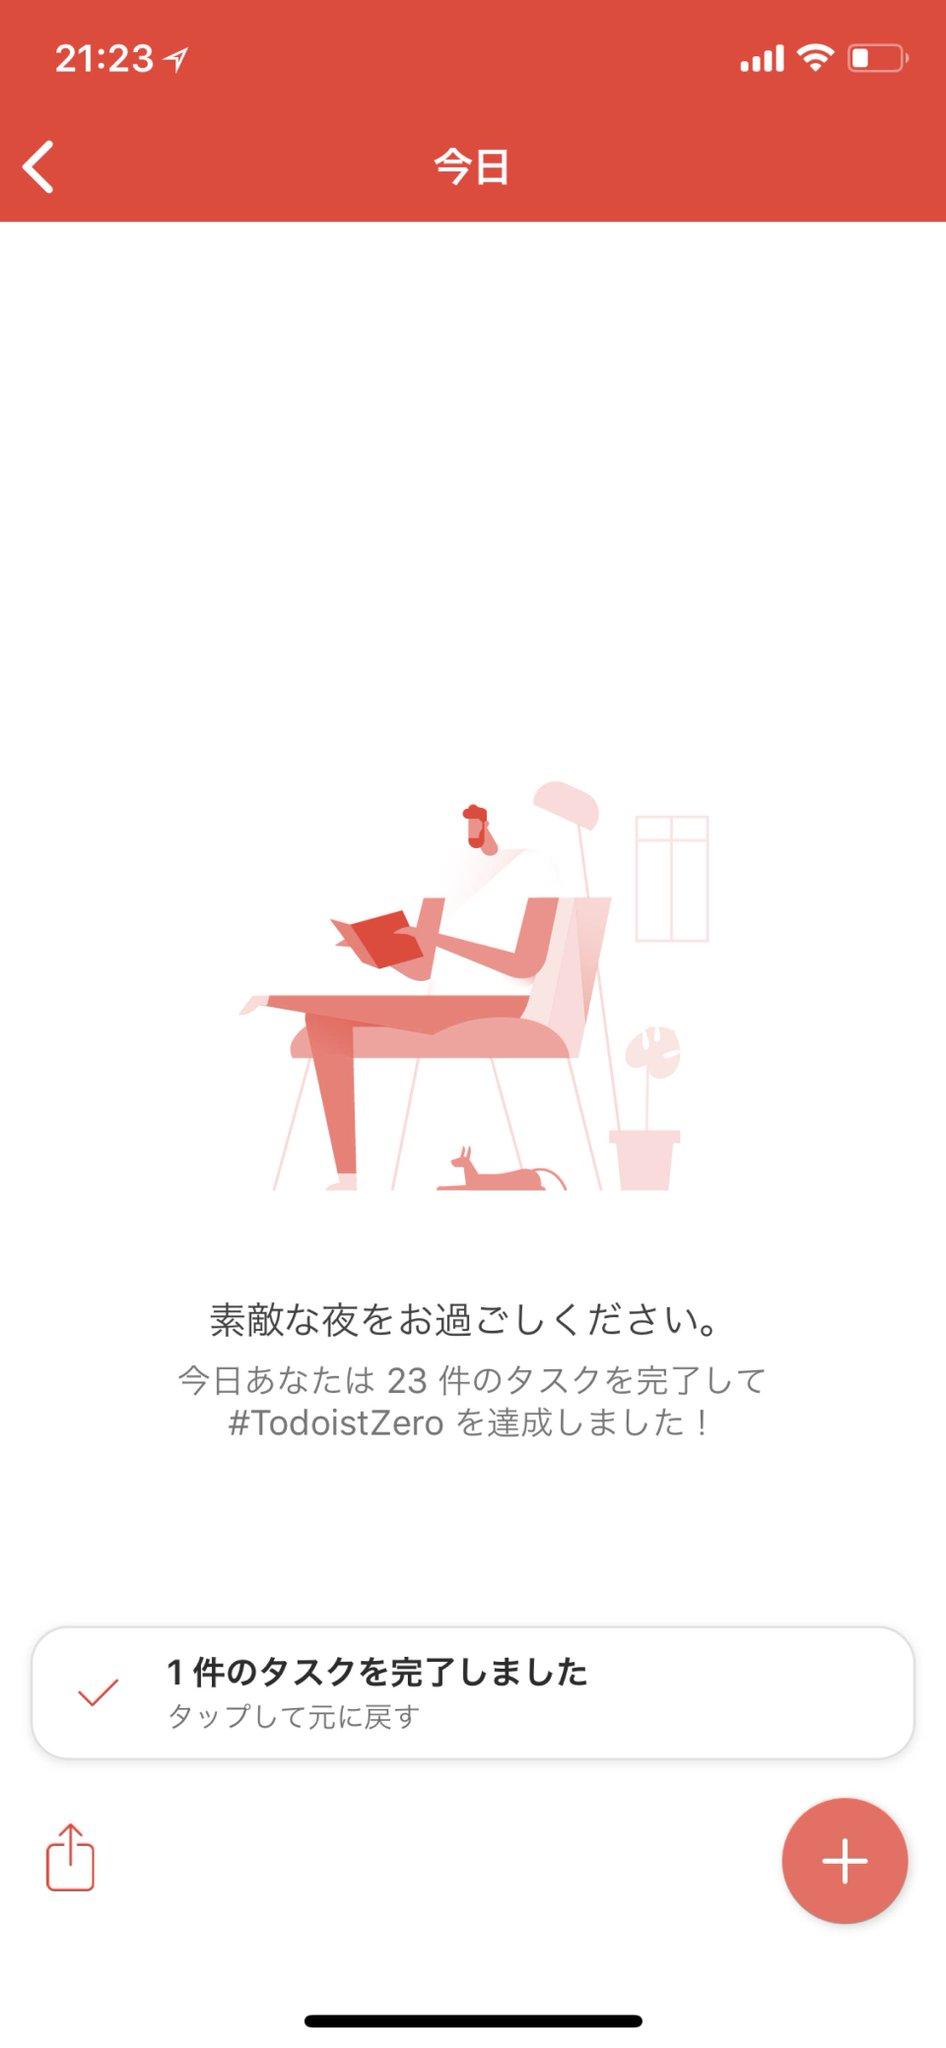 Todoist の新しいUIで、タスクを完了するたびに表示される「1件のタスクを完了しました」がなかなか消えなくて邪魔。フリックで消すことができるけど。 https://t.co/zWpweyjN4i